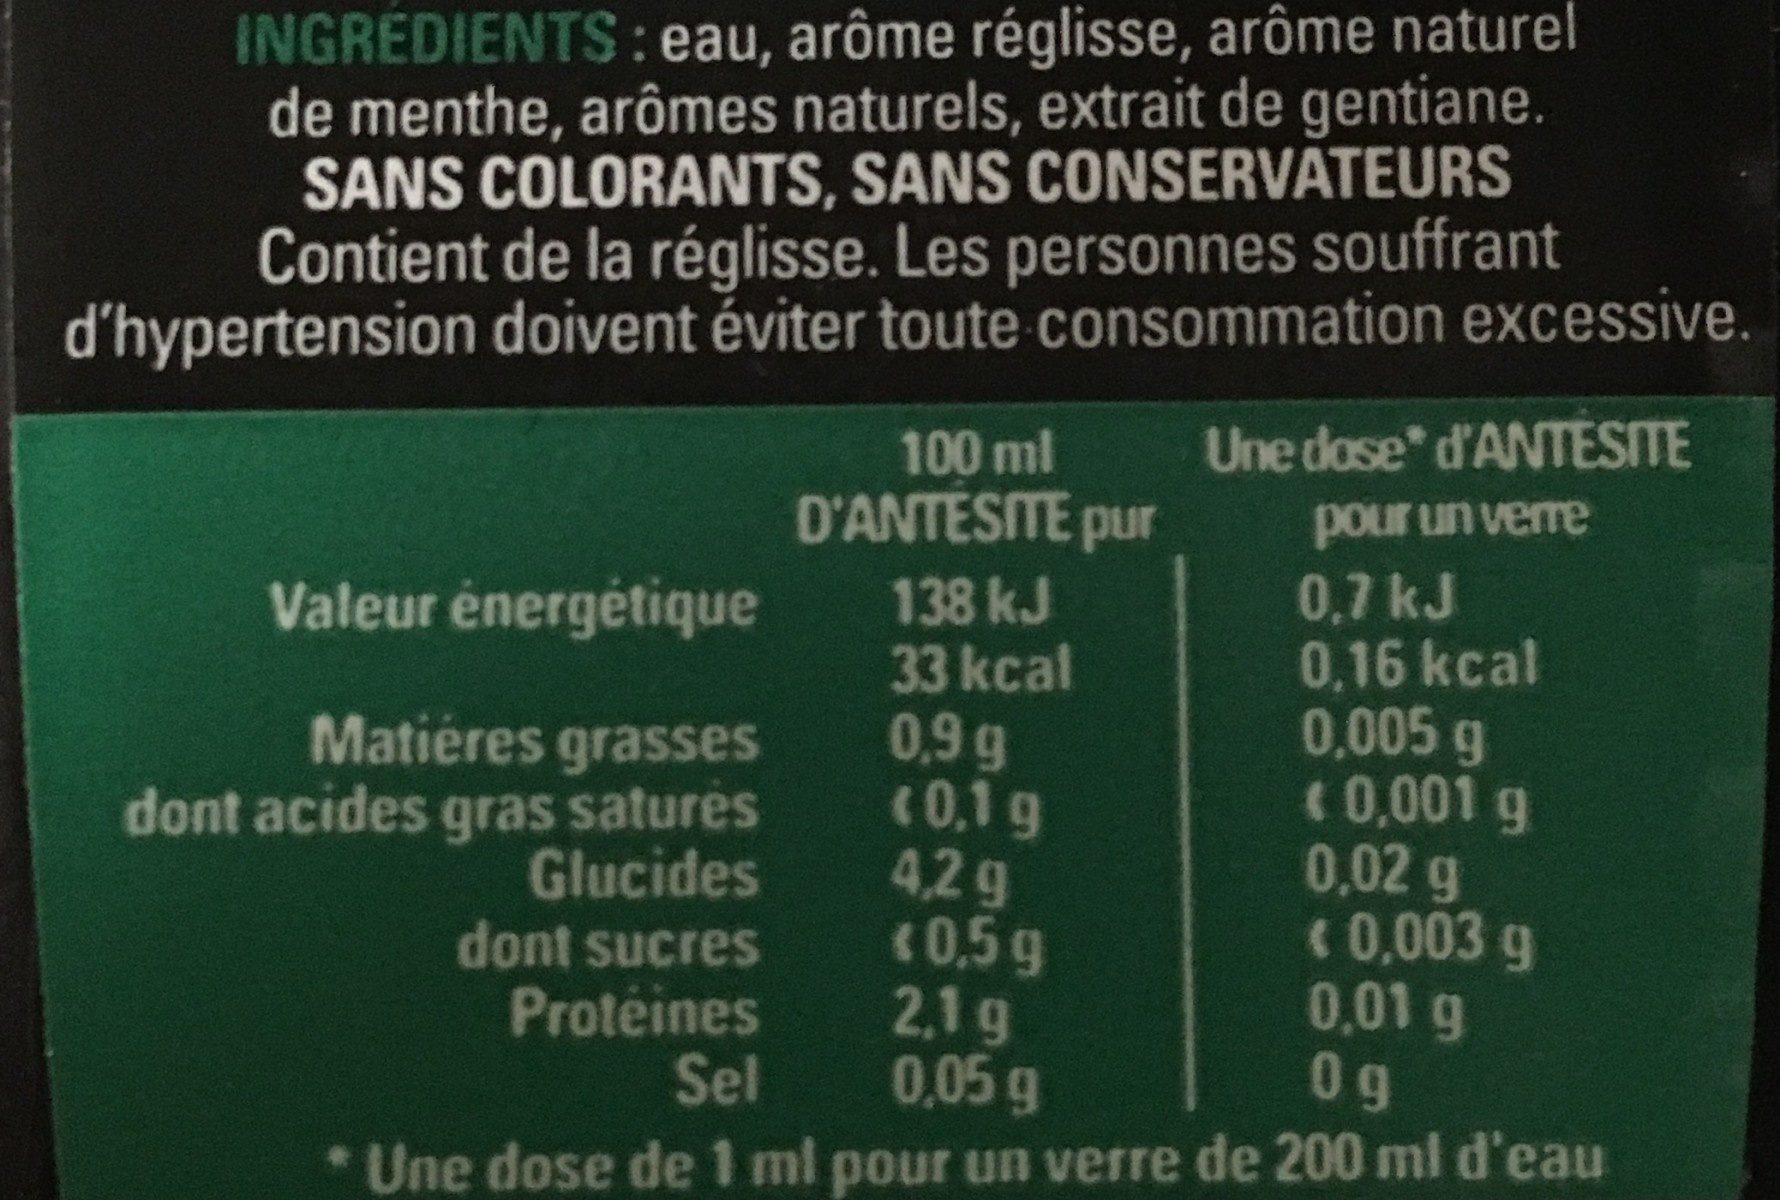 Antésite concentré de Réglisse Menthe - Ingrediënten